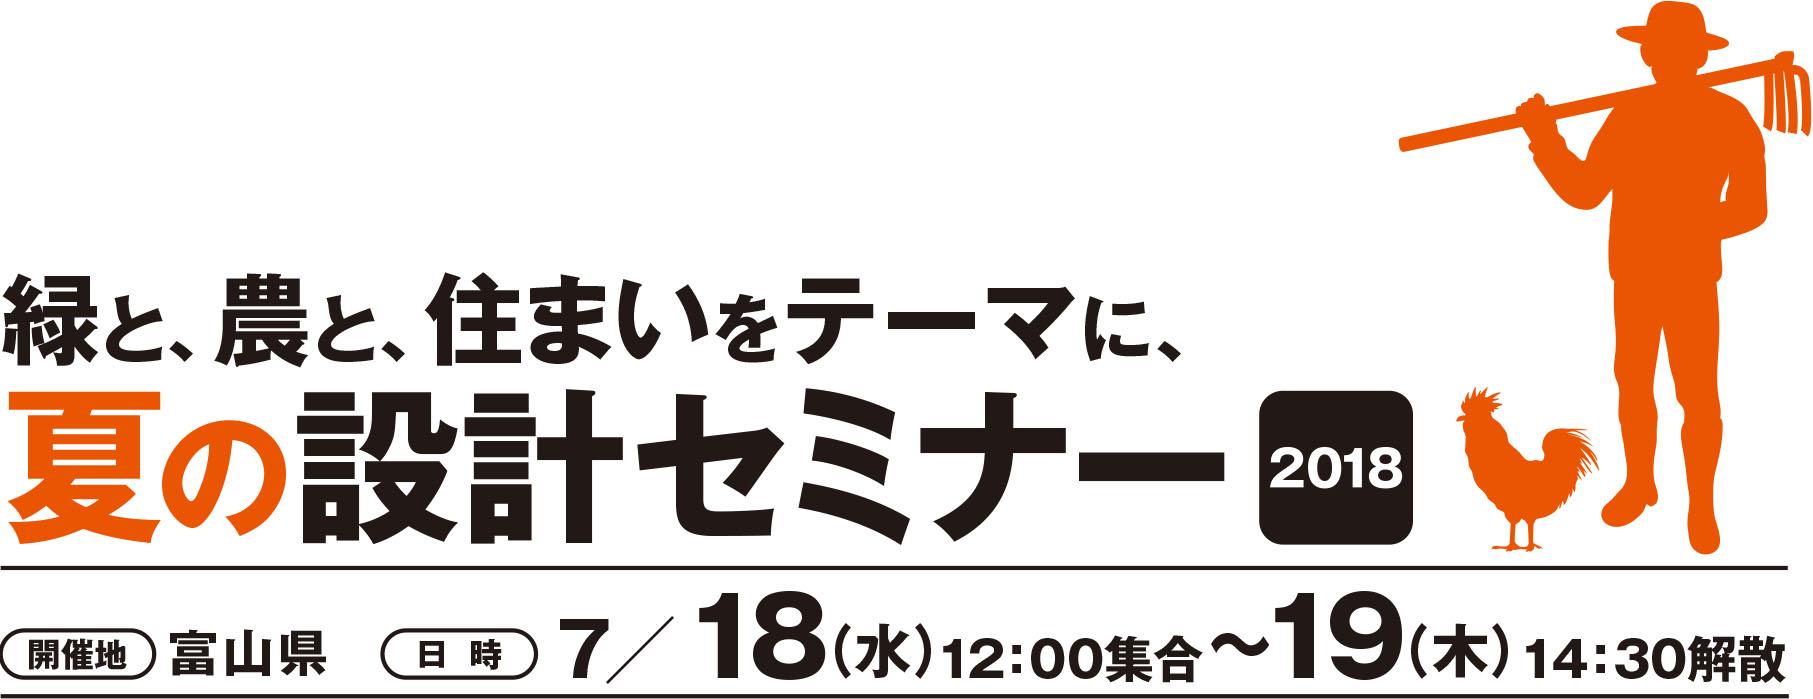 20180531夏の設計セミナーニュースNo3_01